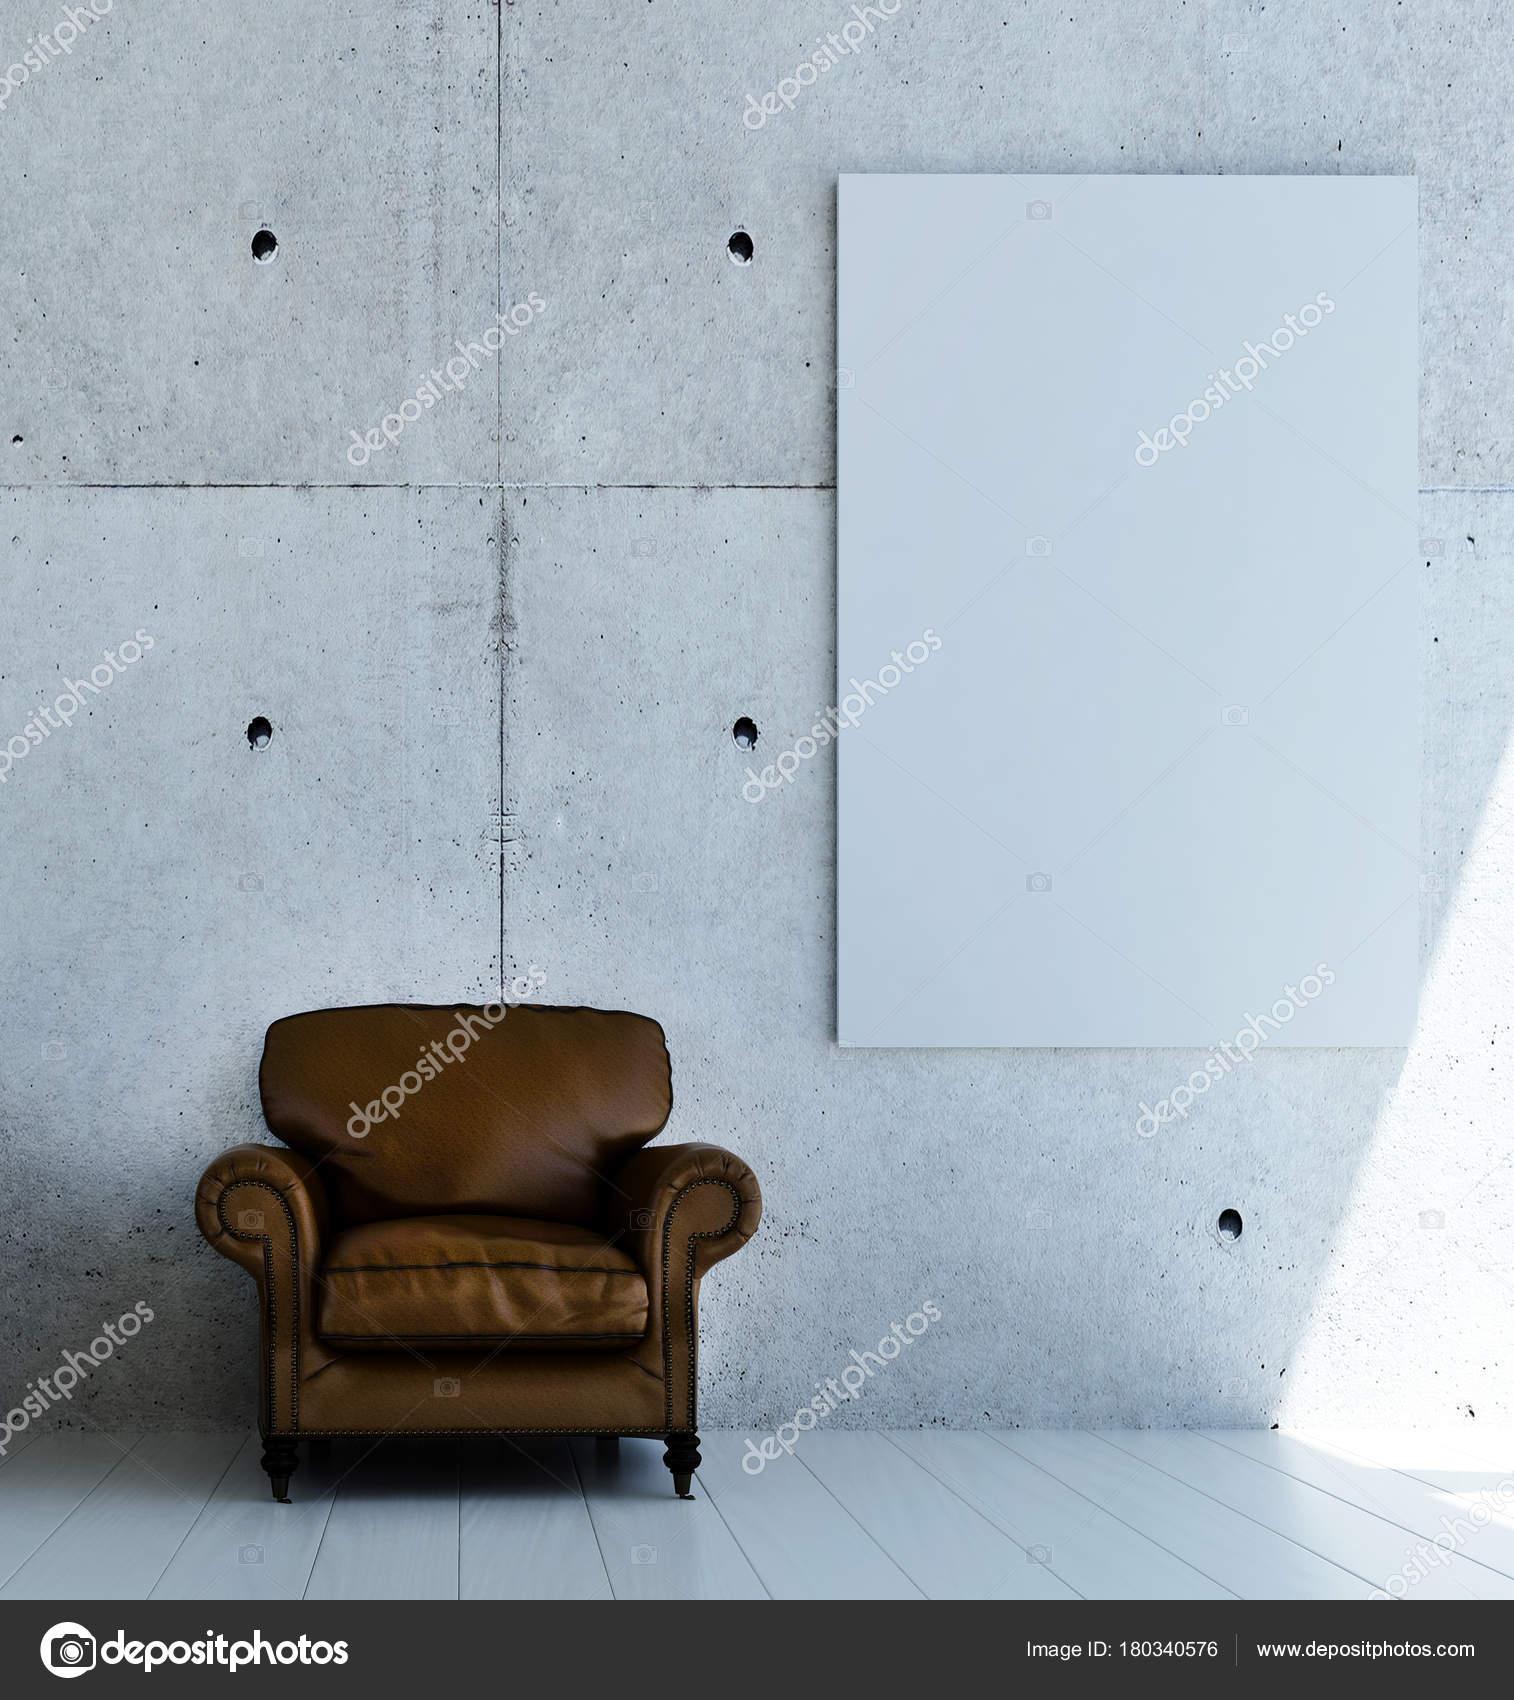 Entzuckend Die Innenarchitektur Idee Konzept Der Modernen Minimal Wohnzimmer Und  Konkrete Muster Hintergrund Und Bild Wandrahmen U2014 Foto Von Teeraphan